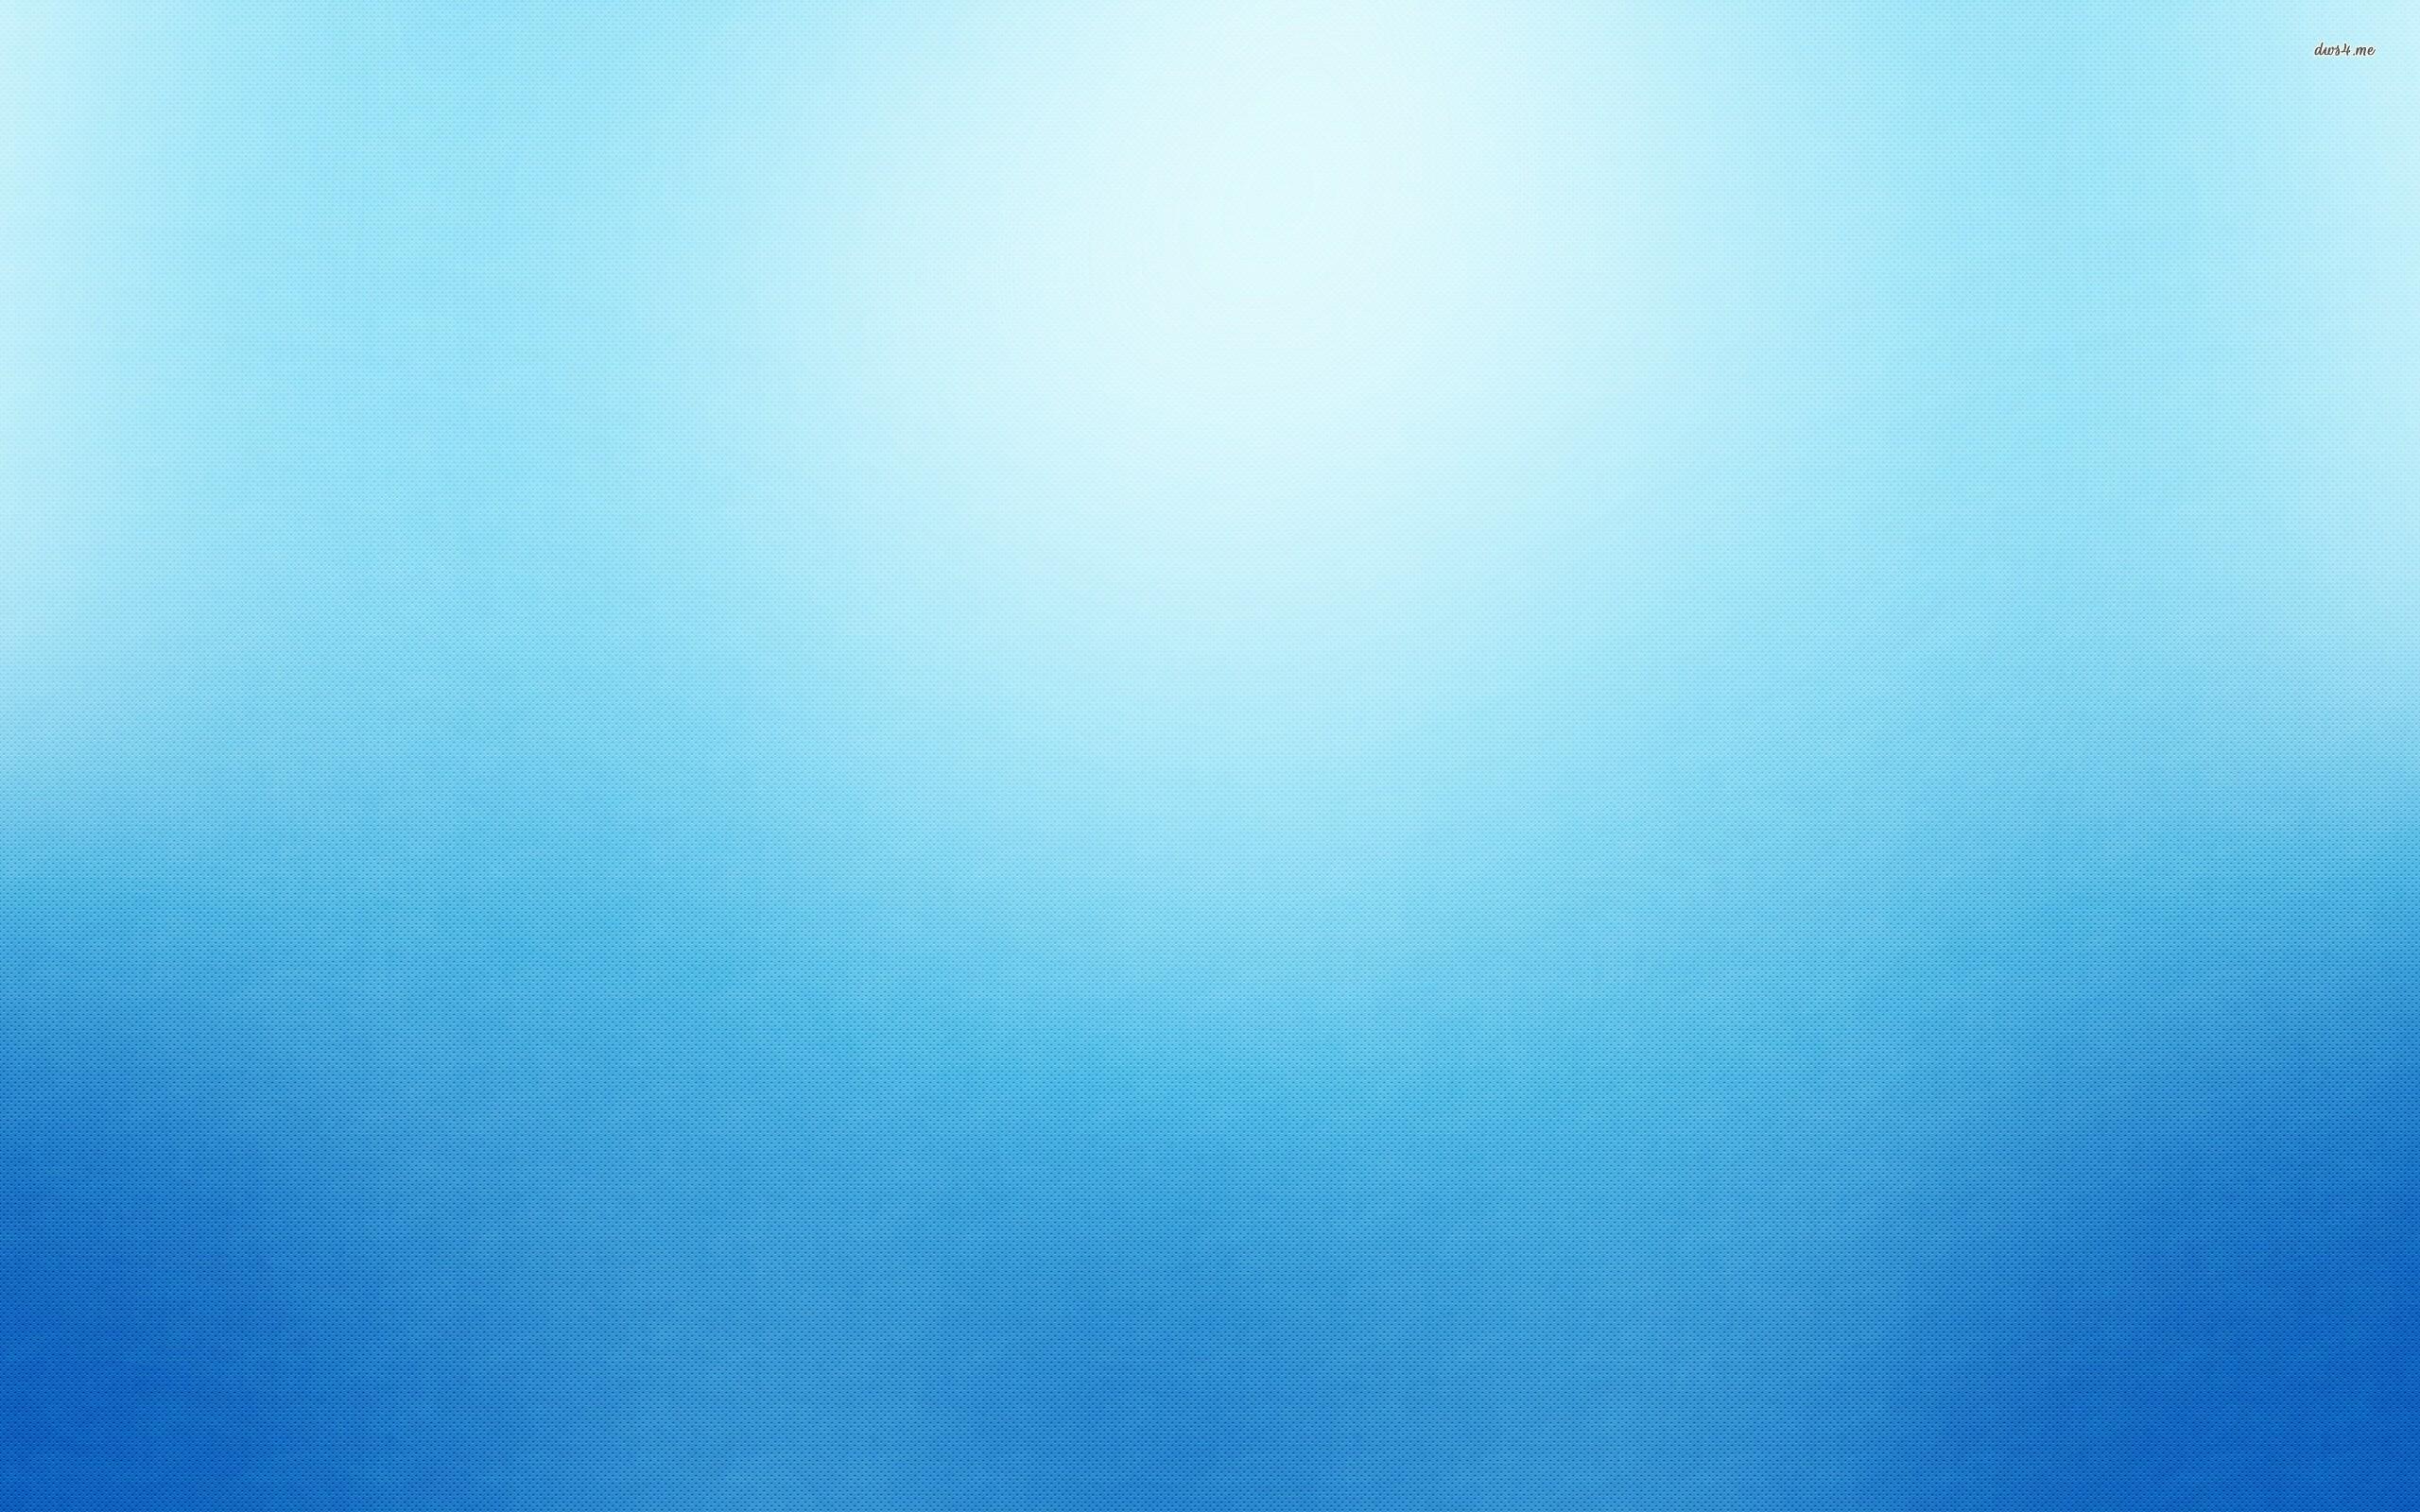 Blue Background WallpapersCharlie 2560x1600